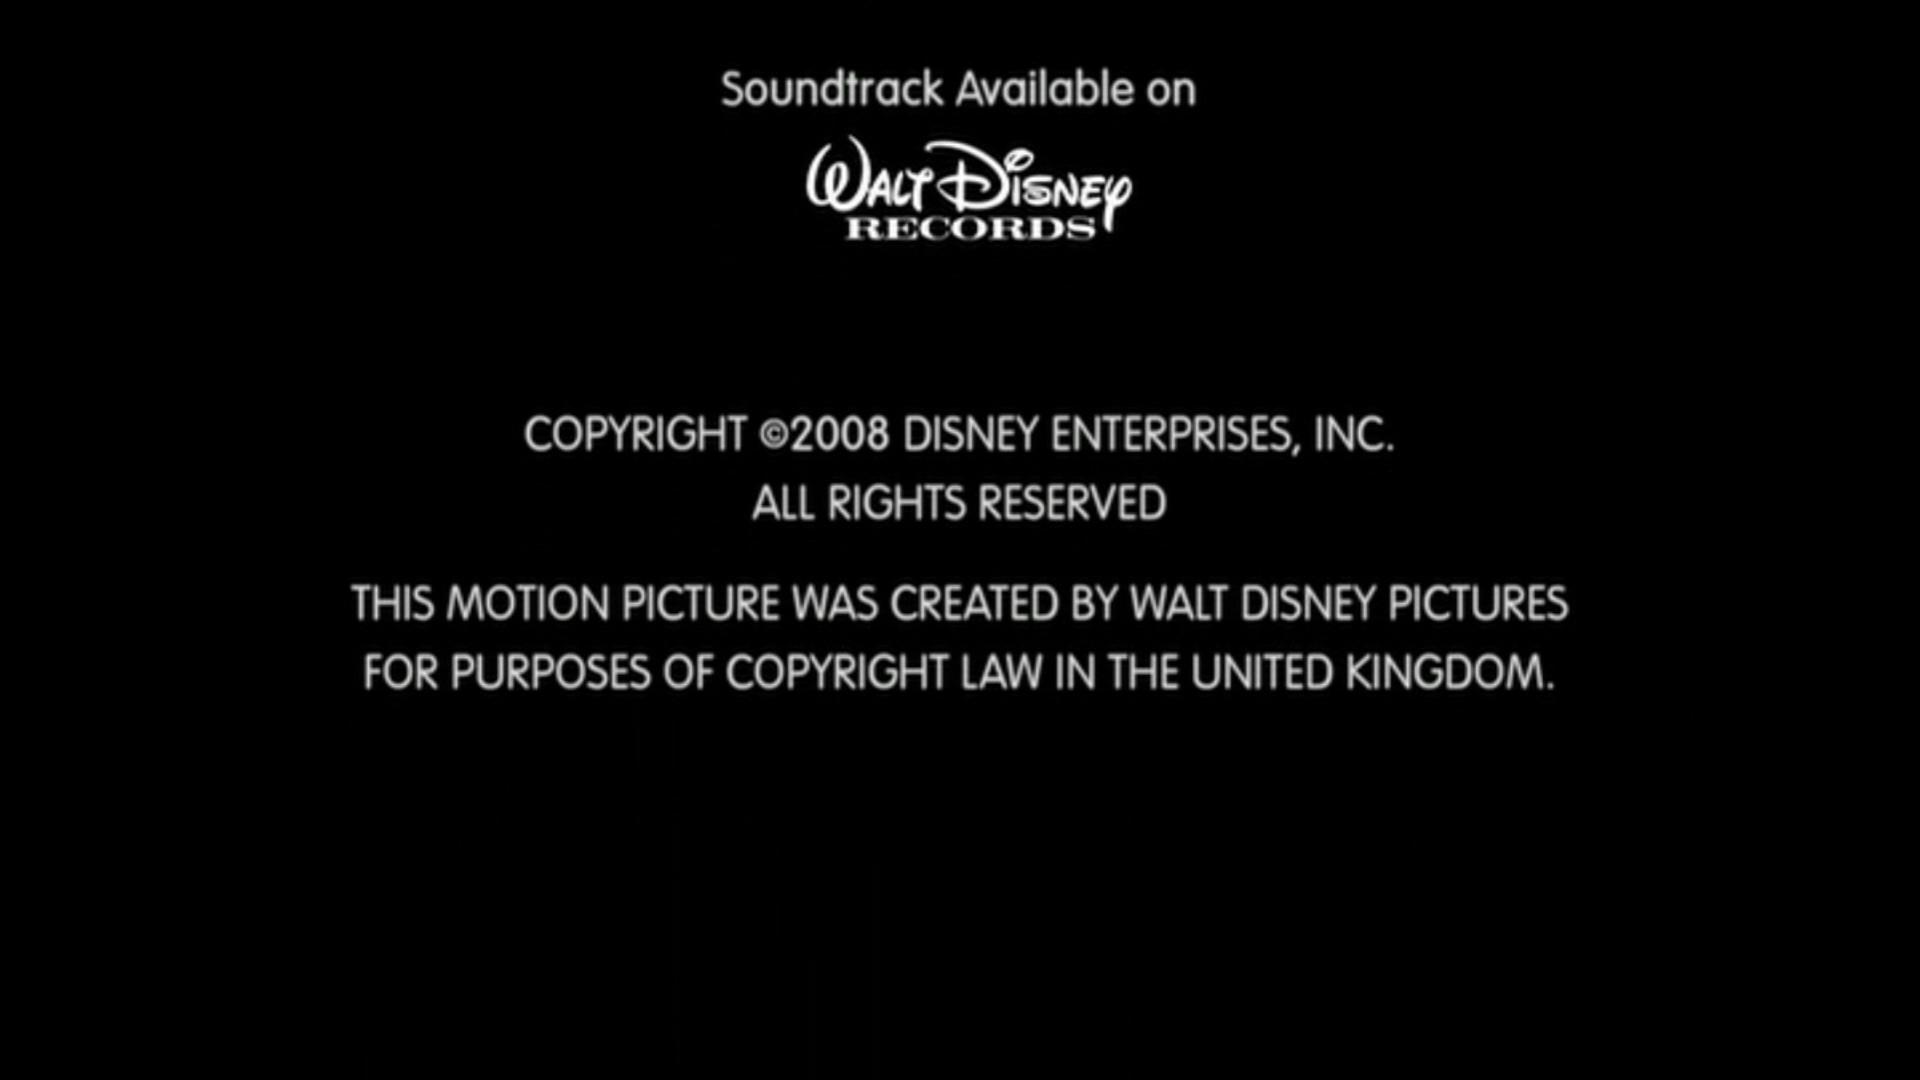 image walt disney records tinker bell  2008  png logo troublemaker studios logo clg wiki troublemaker studios logo clg wiki